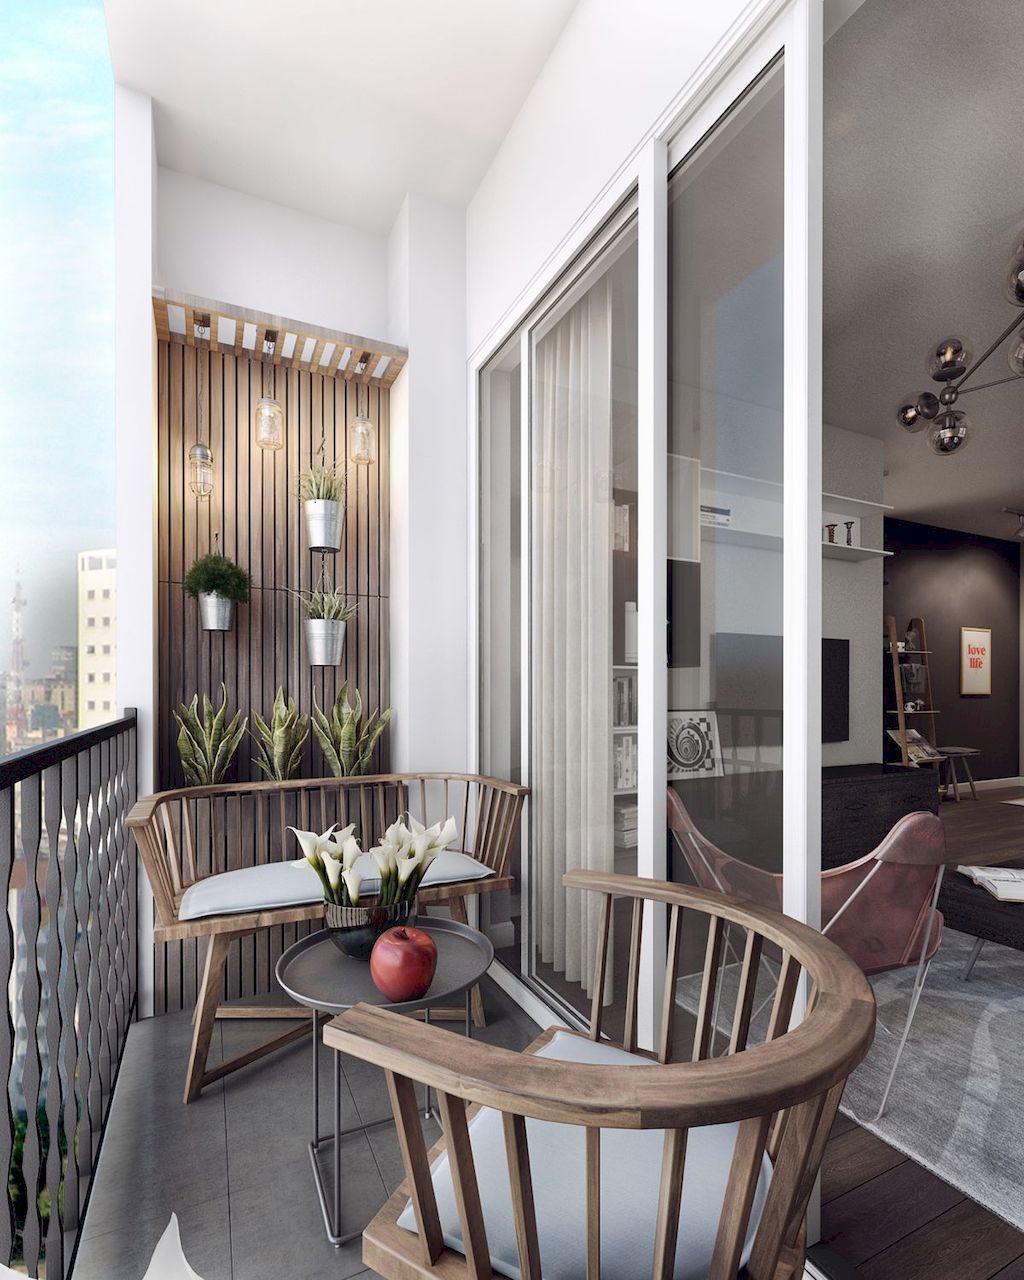 60 Beautiful Balcony Decorating Ideas | Balconies, Tiny balcony and ...